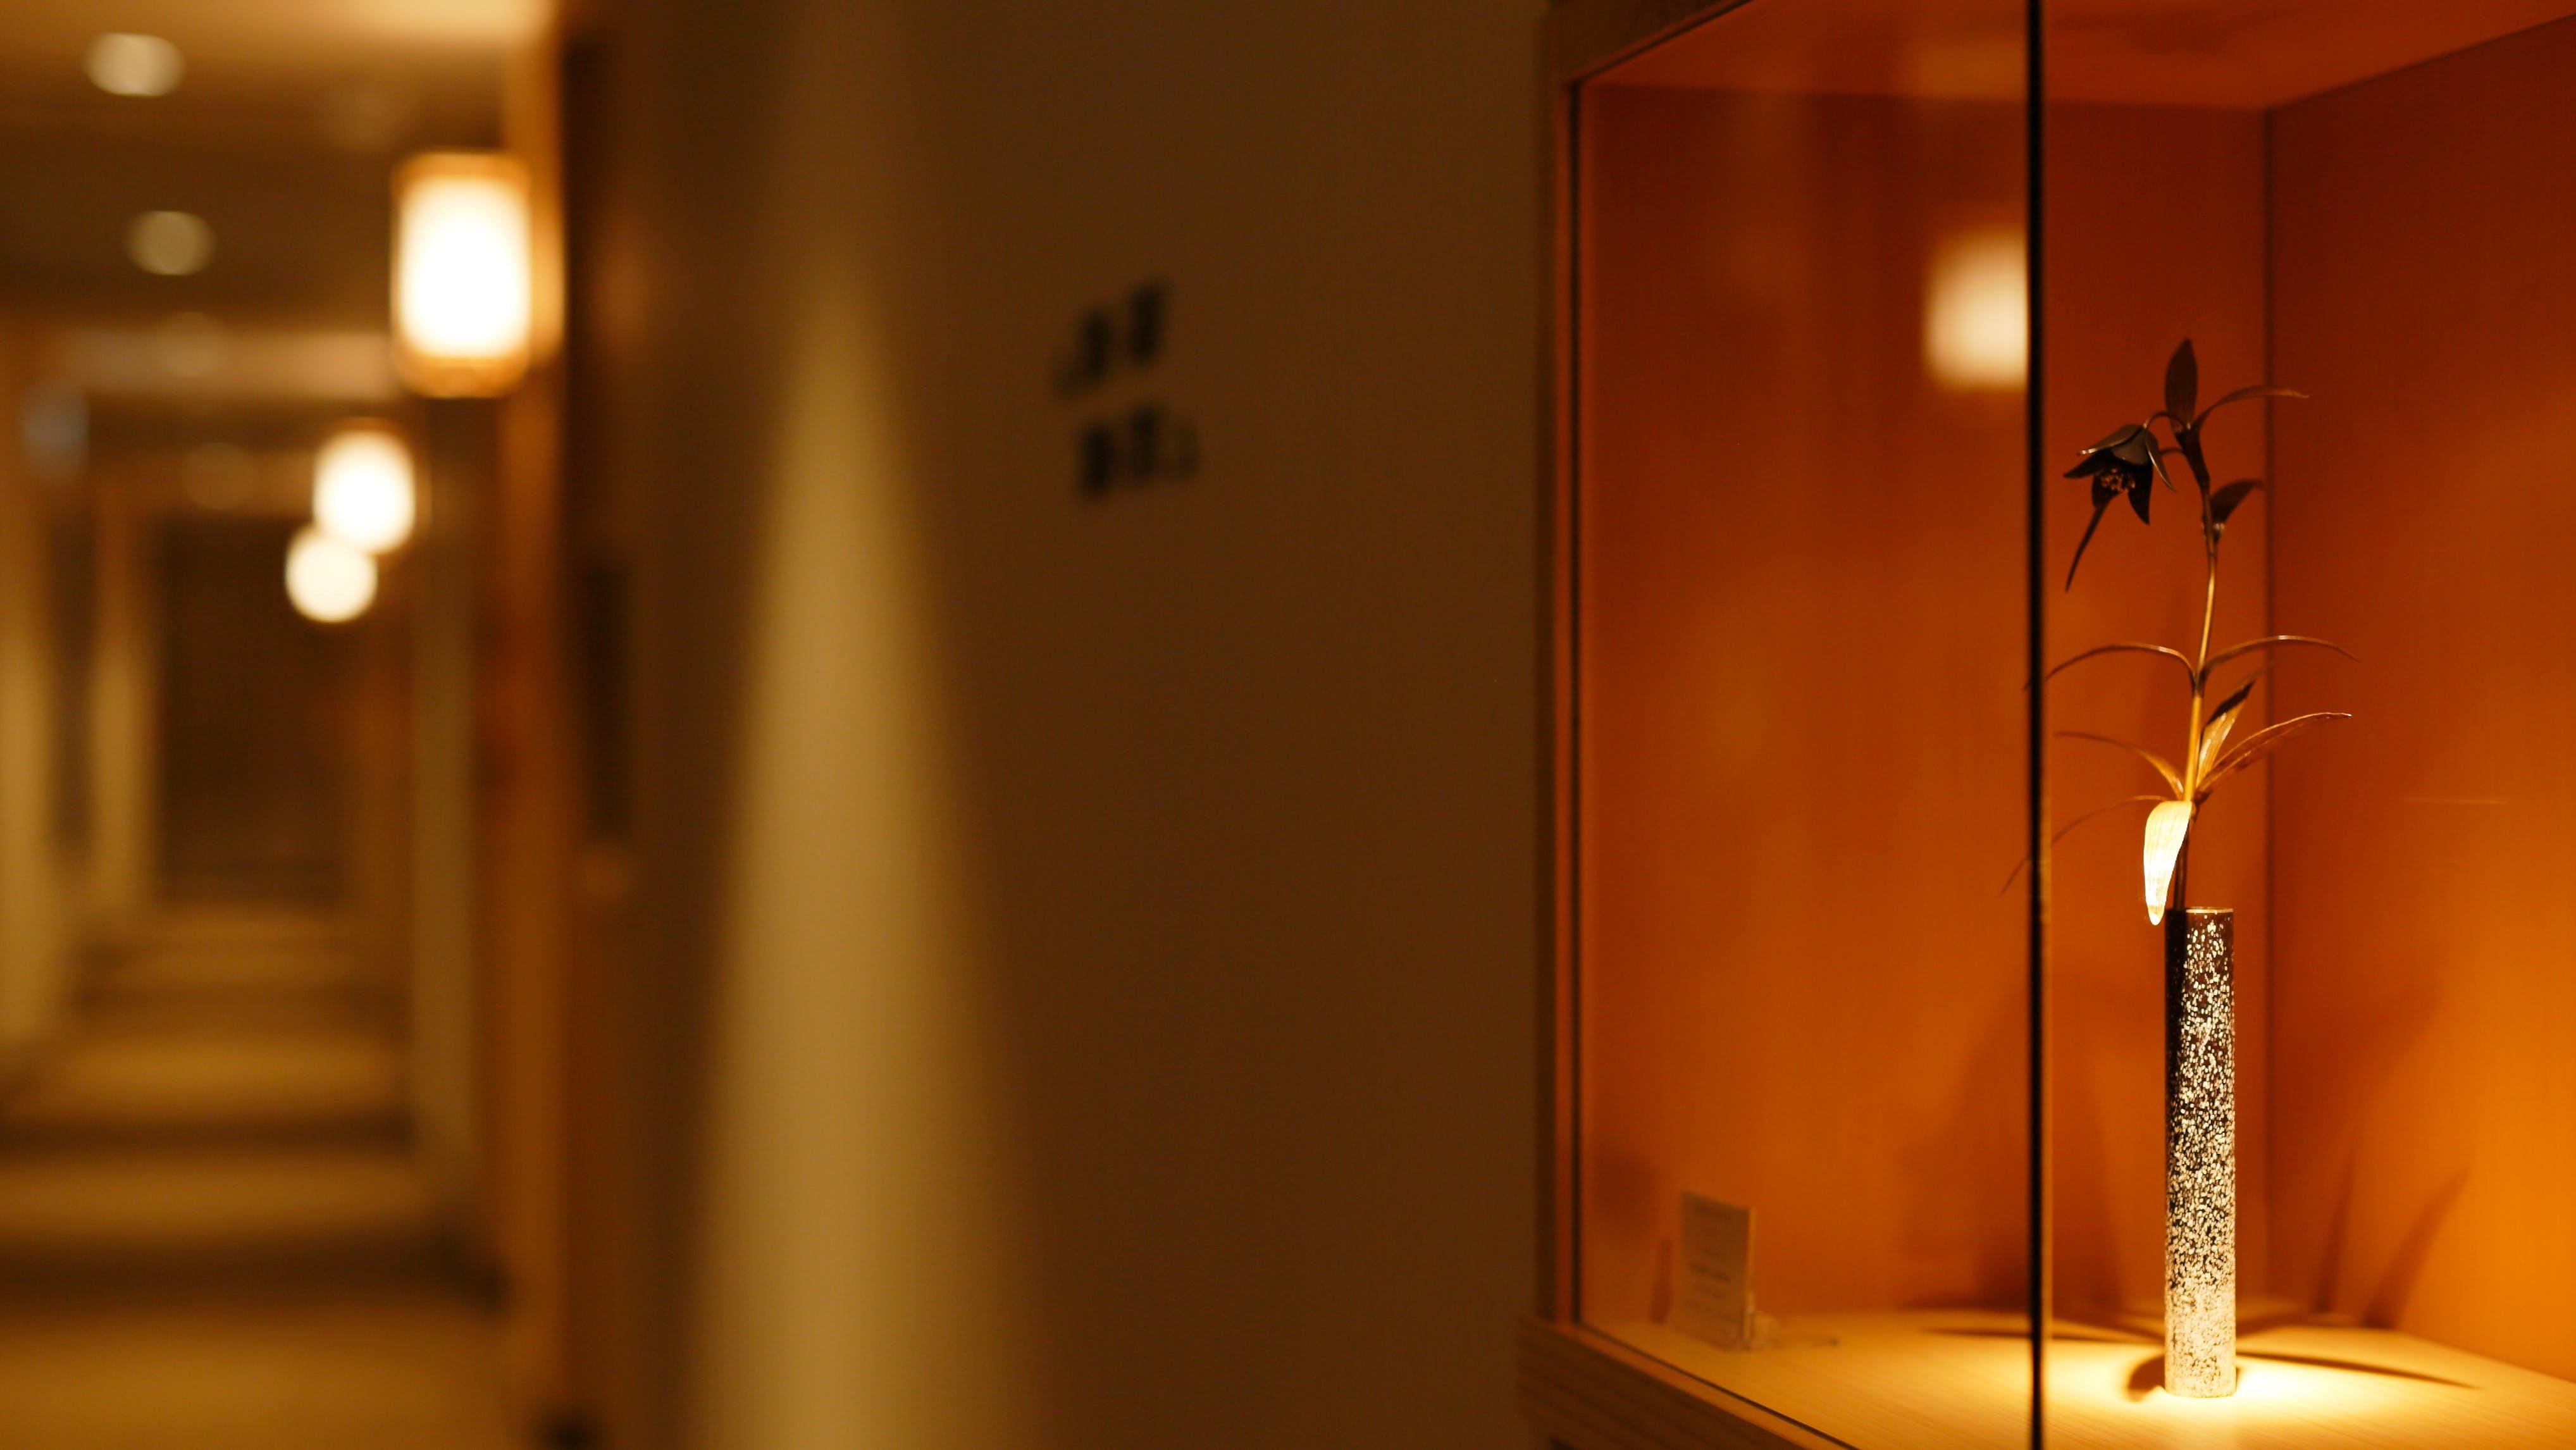 金沢・加賀百万石の歴史が紡ぐアートと品格に触れる癒しの宿